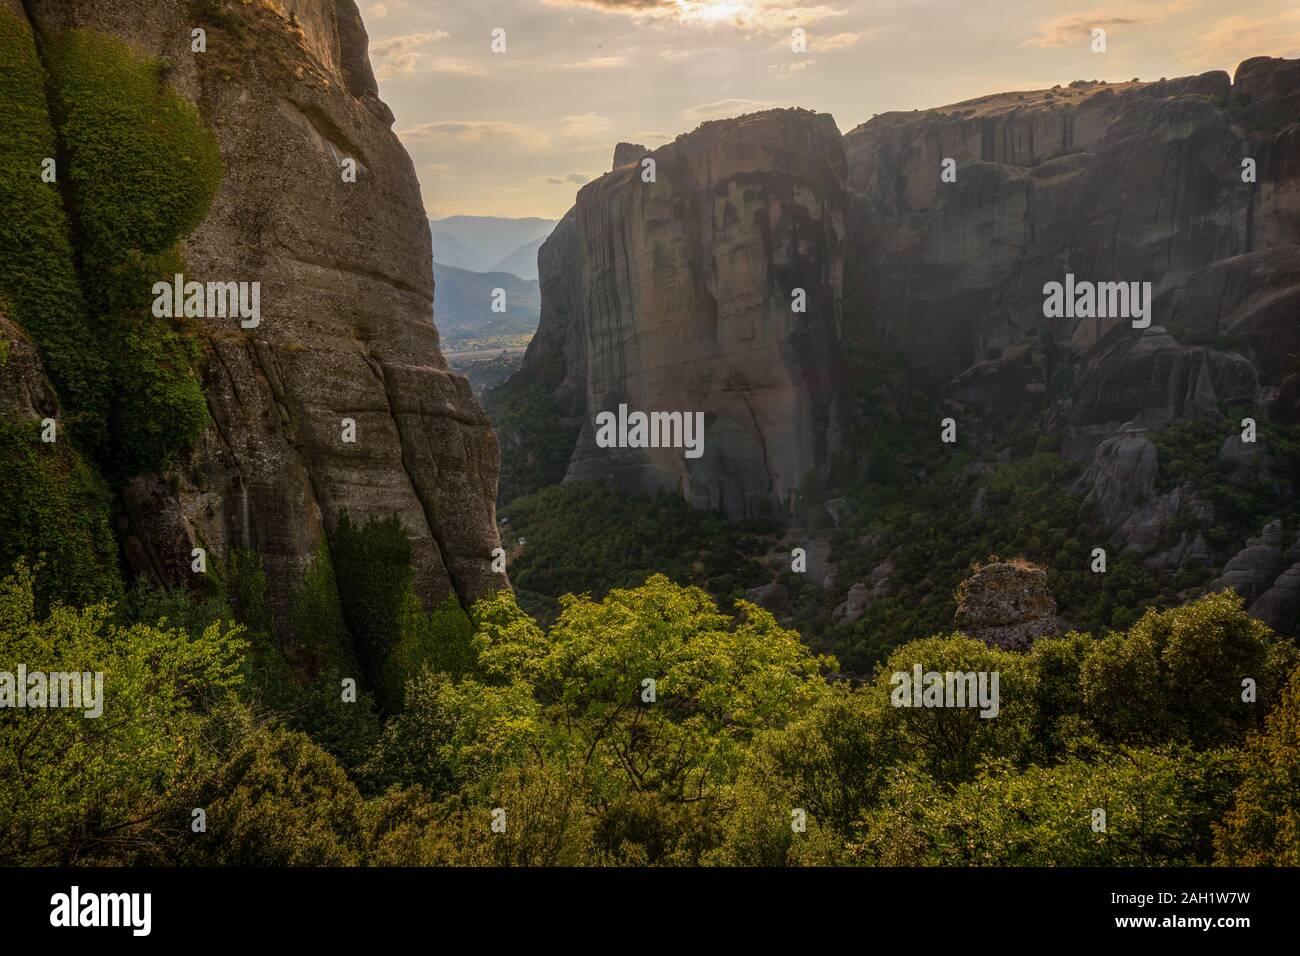 De hautes montagnes et le vert des arbres contre le ciel l'horizontale Banque D'Images